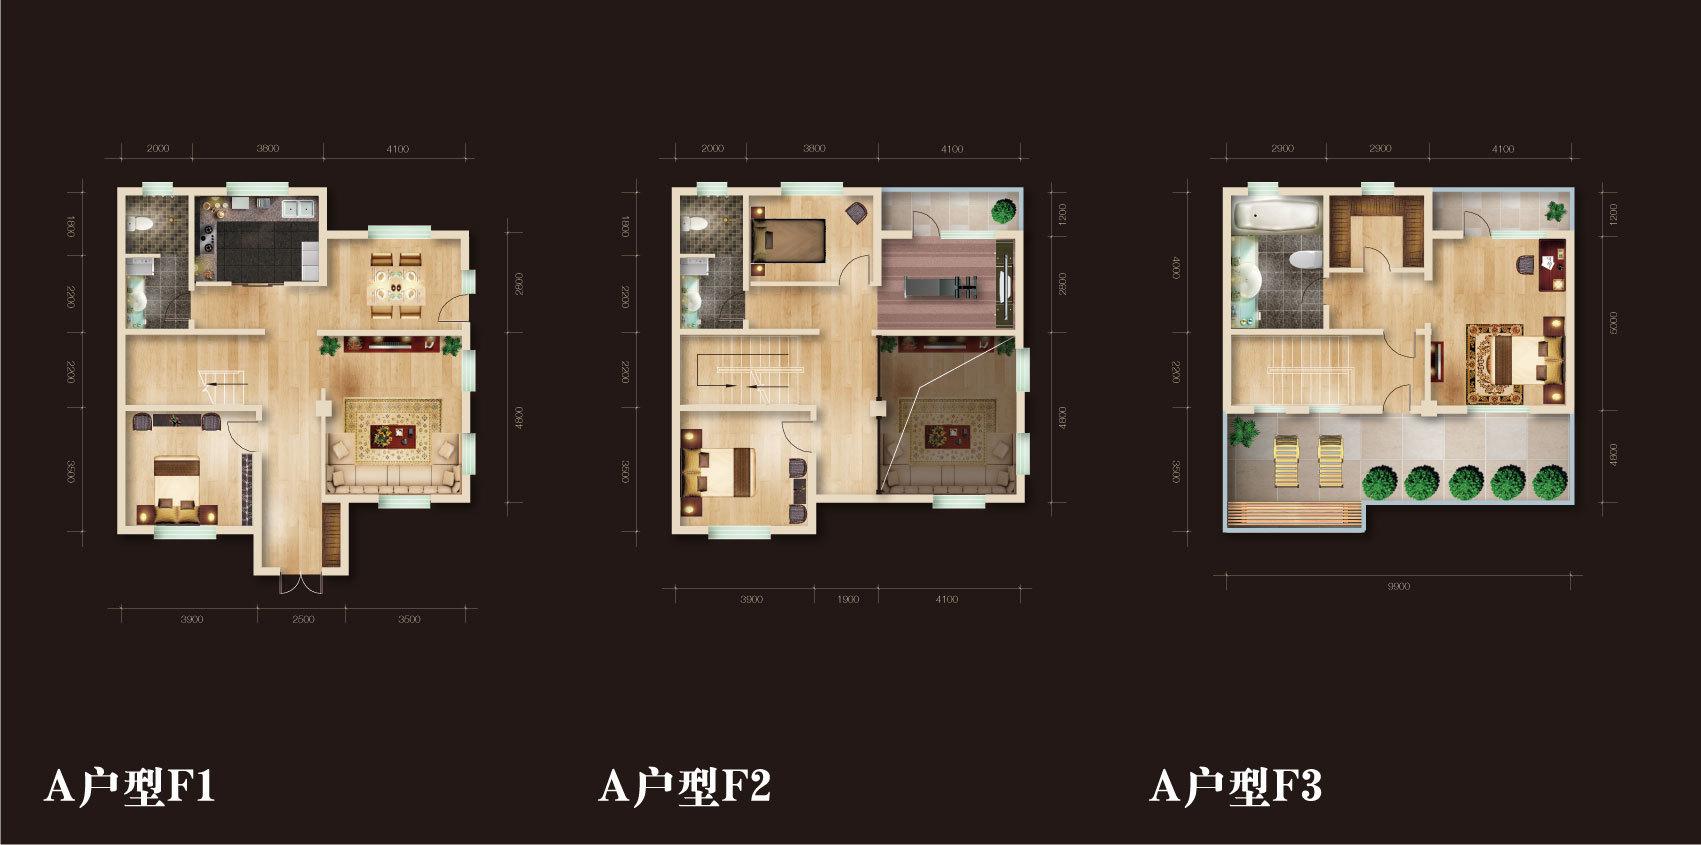 楼盘户型平面图设计